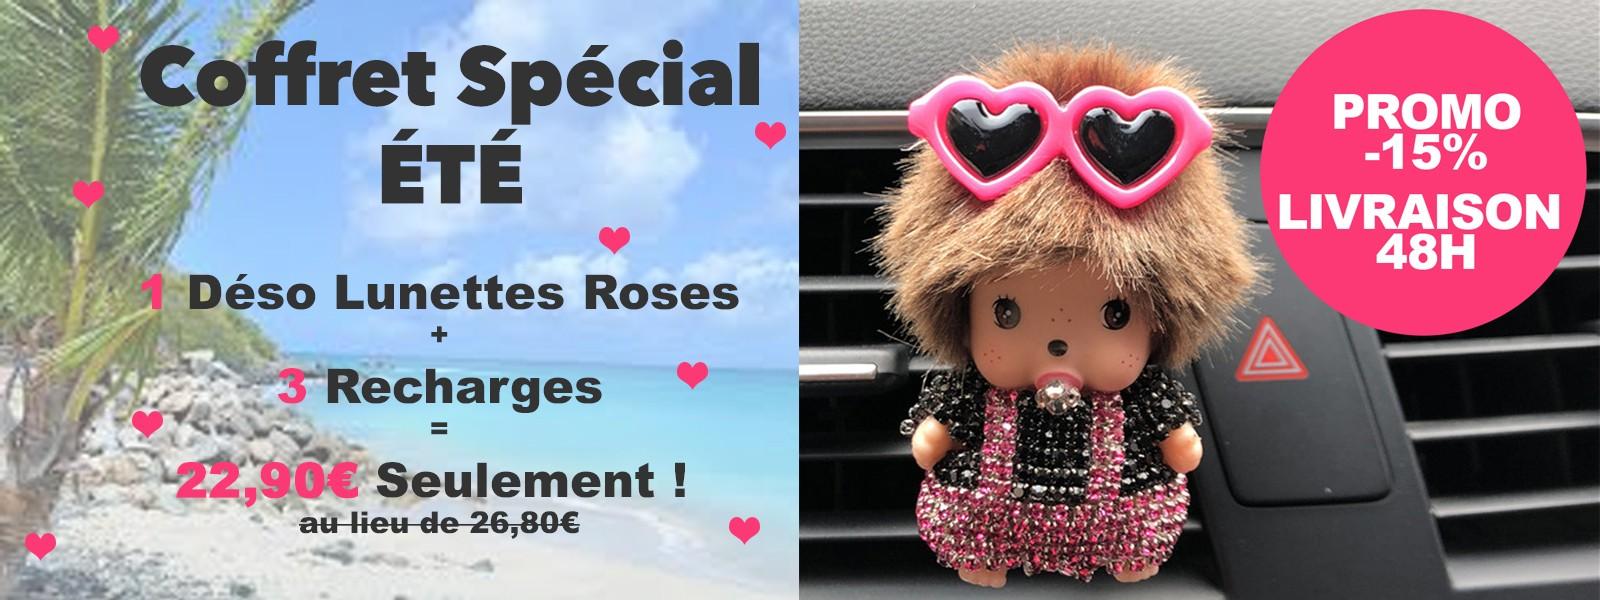 1 Déso Lunettes Roses + 3 Recharges = 22,90€ Seulement !